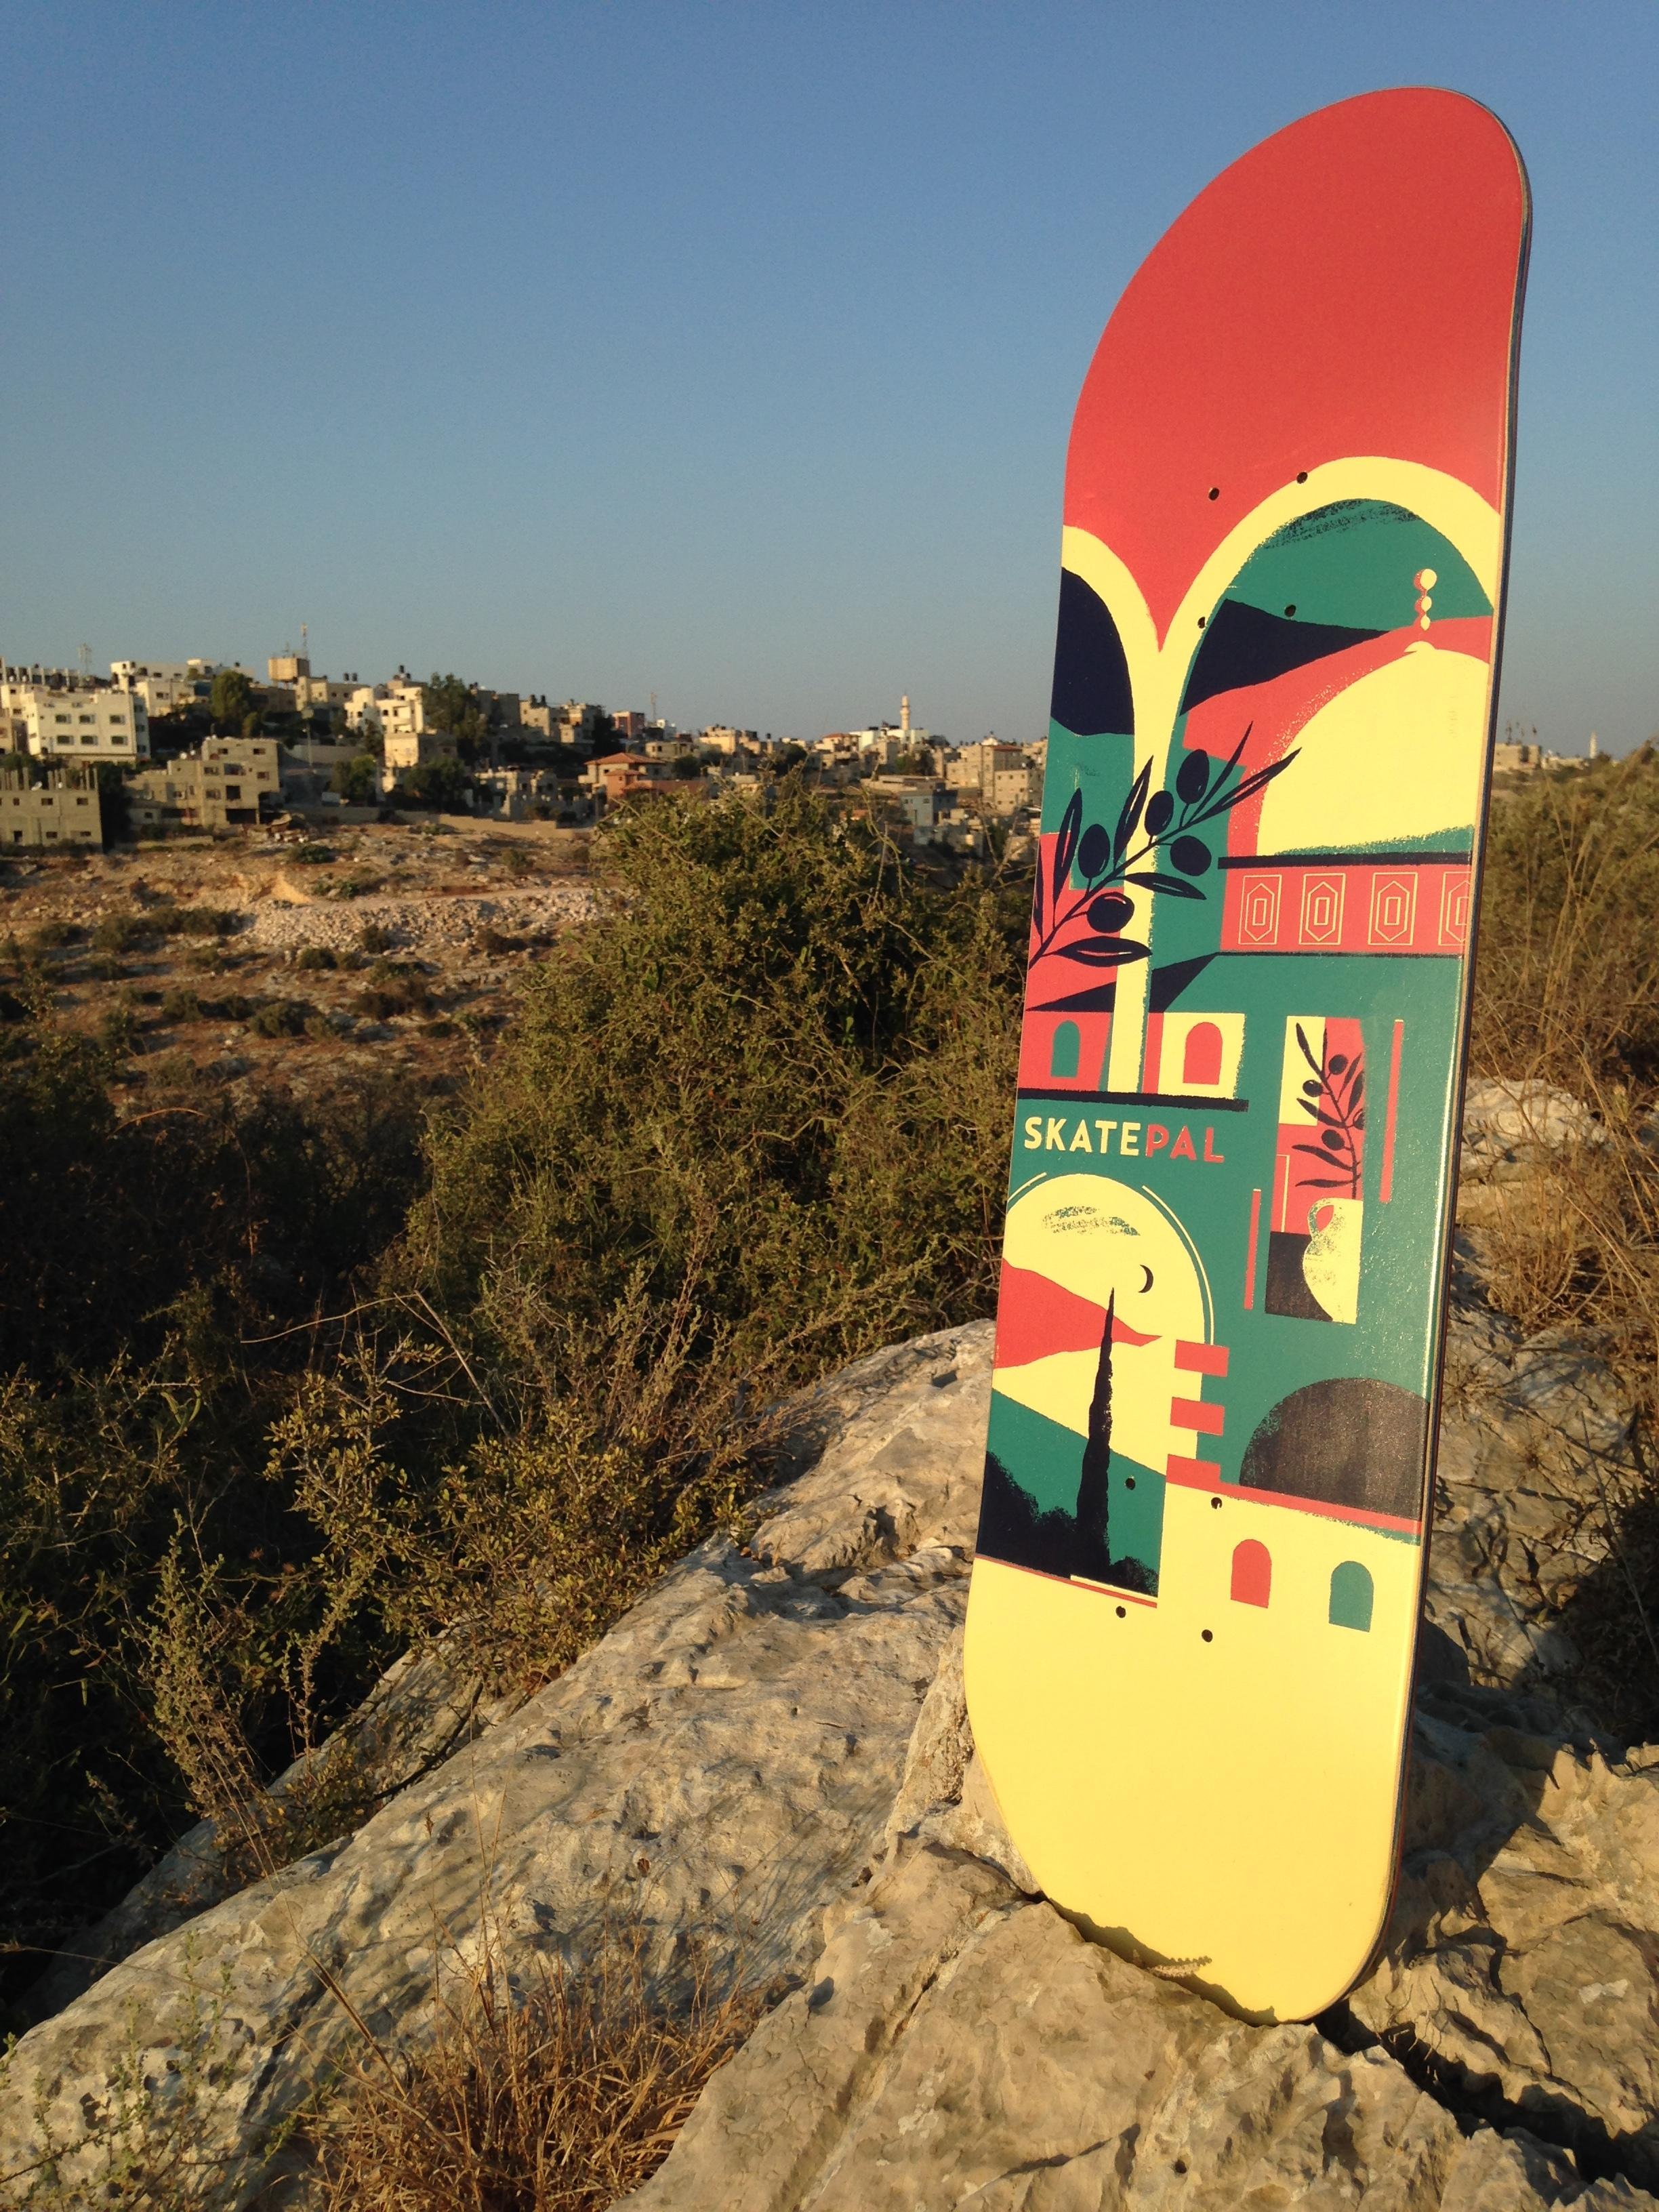 The board in it's natural habitat: Palestine